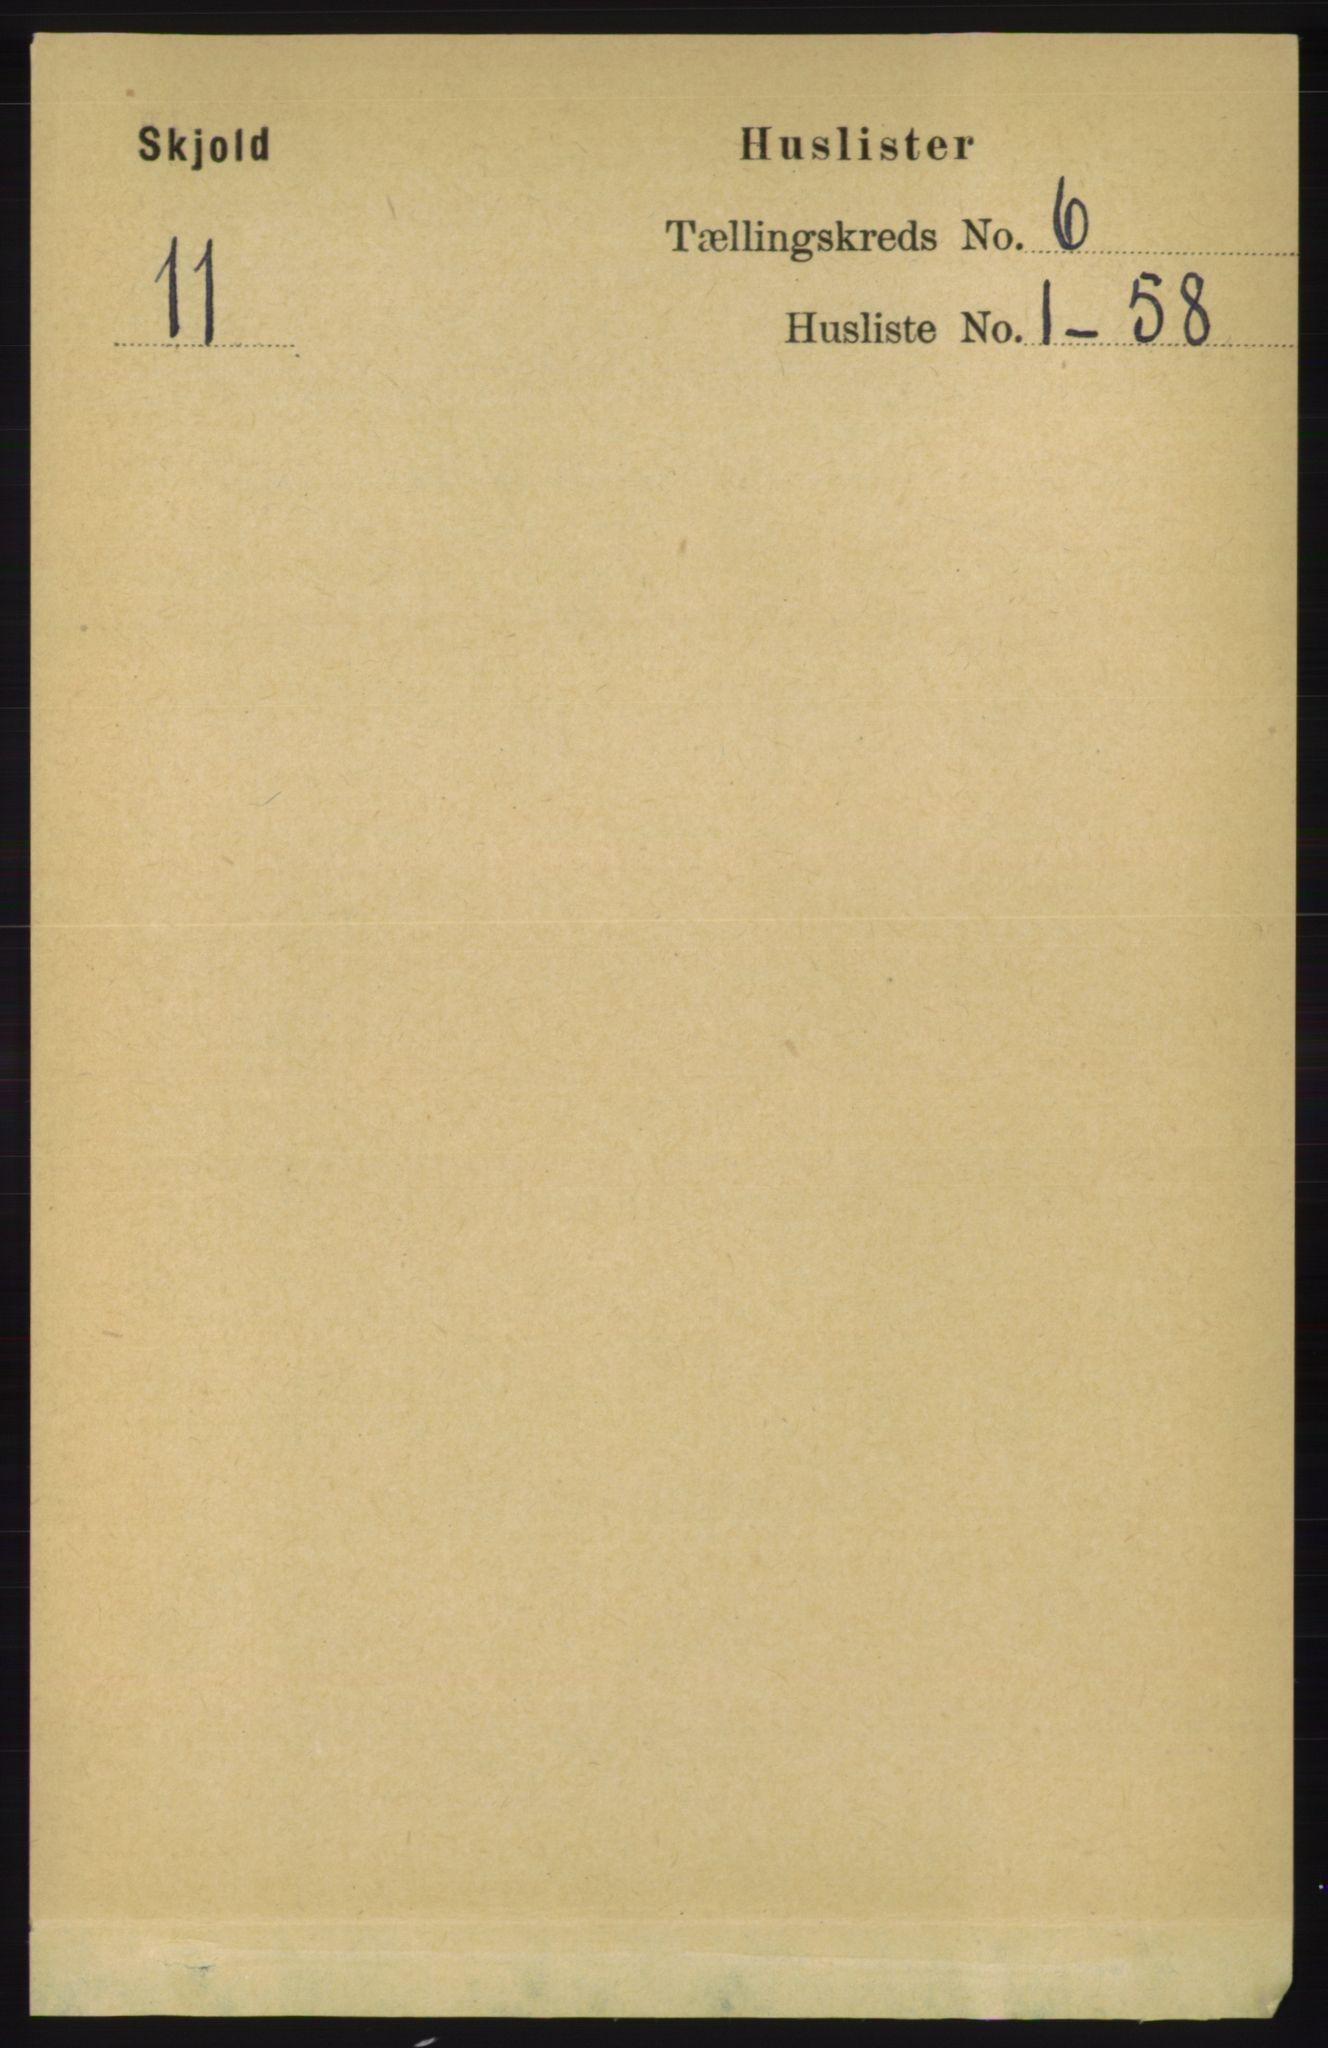 RA, Folketelling 1891 for 1154 Skjold herred, 1891, s. 949